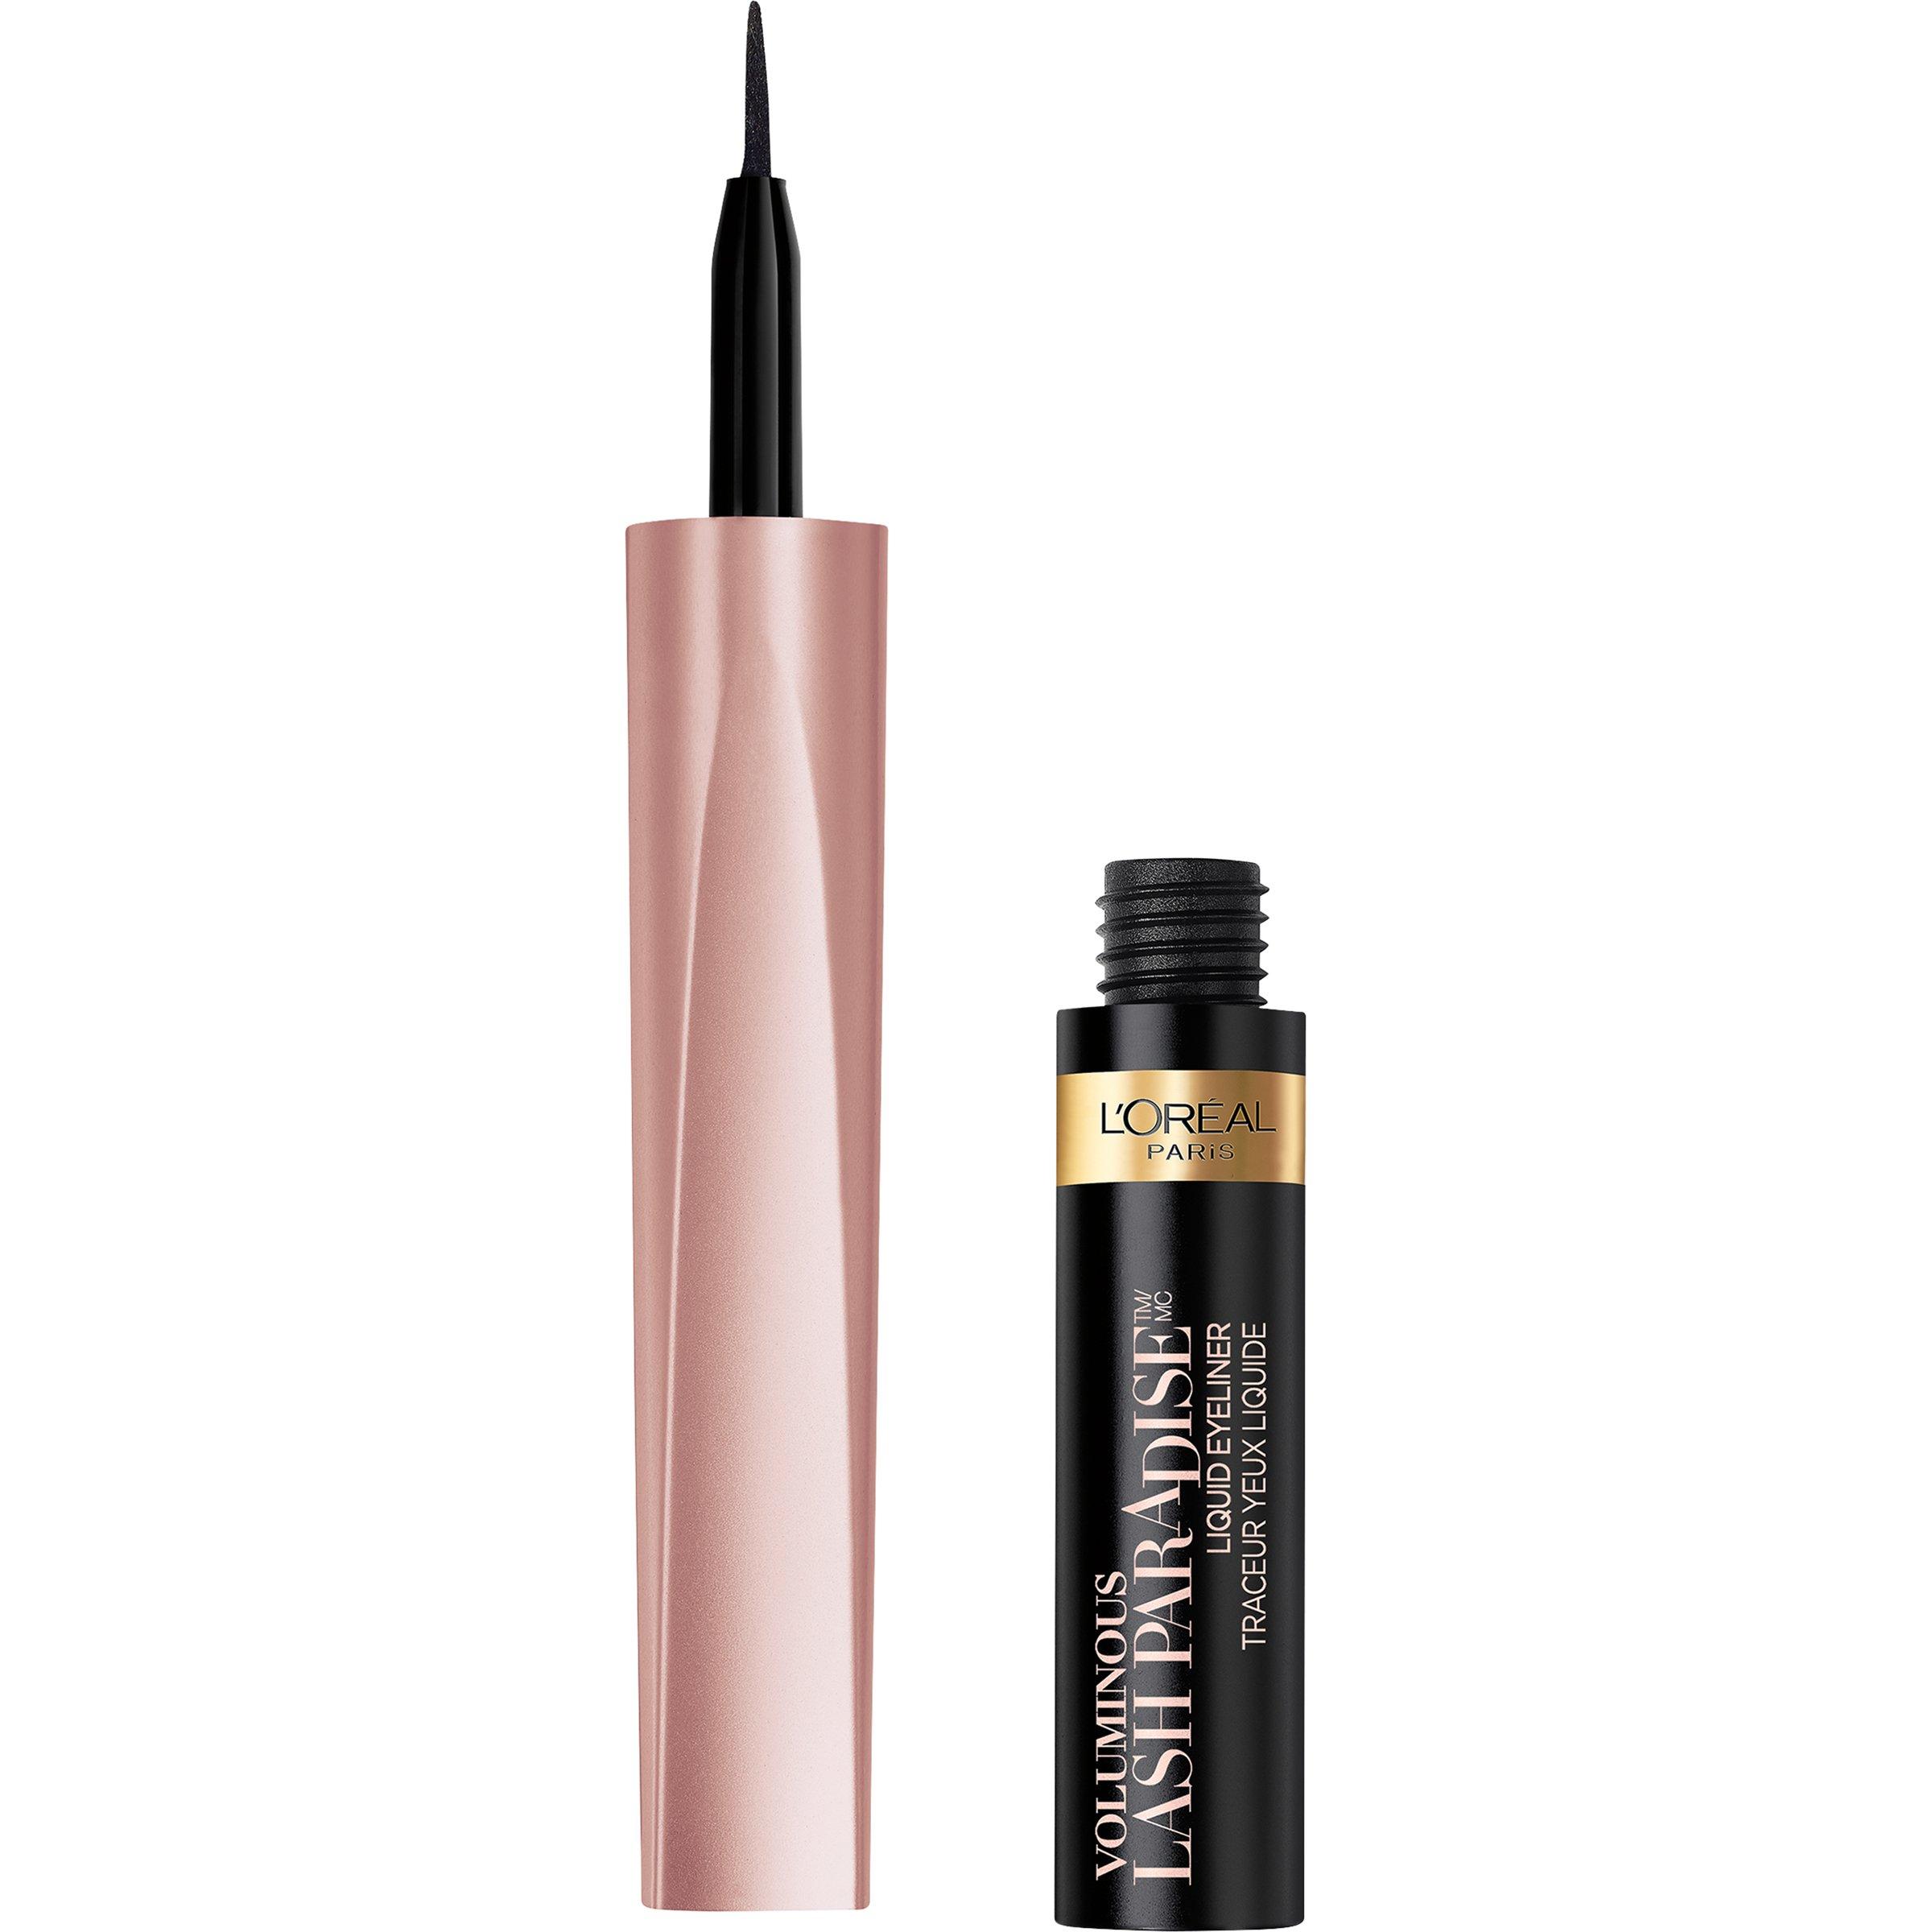 L'Oreal Paris Cosmetics Voluminous Lash Paradise Liquid Eyeliner, Black, 0.05 Fluid Ounce